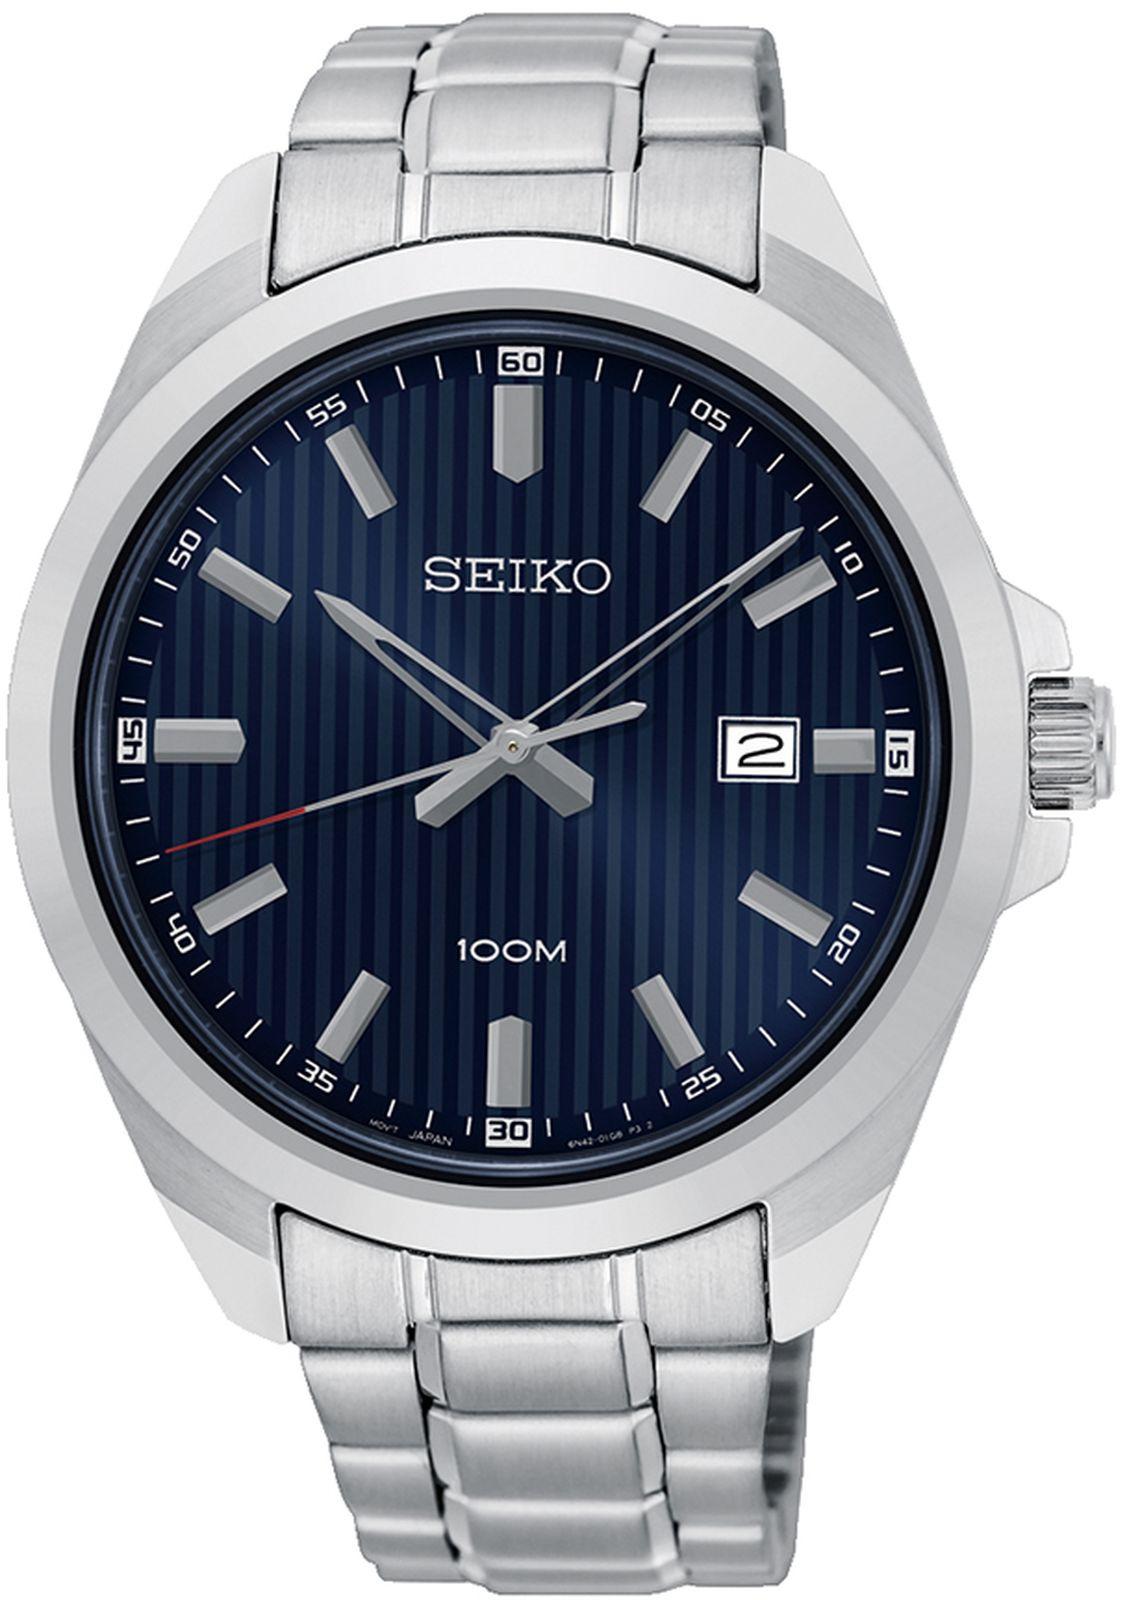 купить Наручные часы Seiko мужские, серебристый по цене 10600 рублей